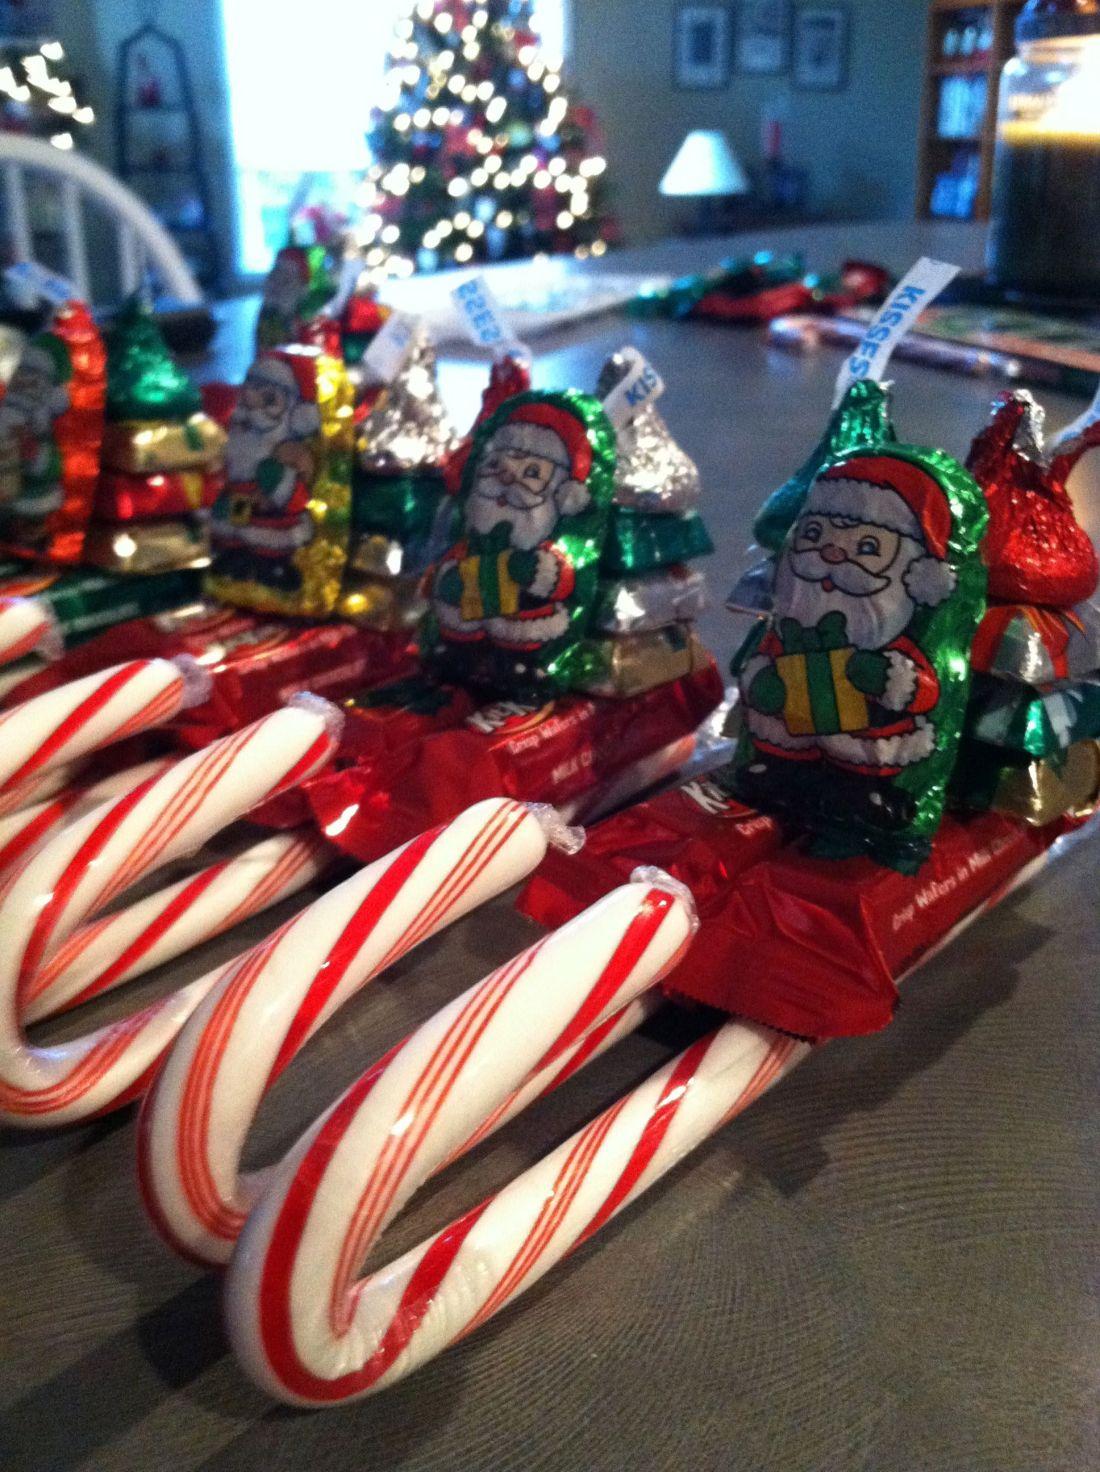 Candy santa sleighs for nursing home residents girl